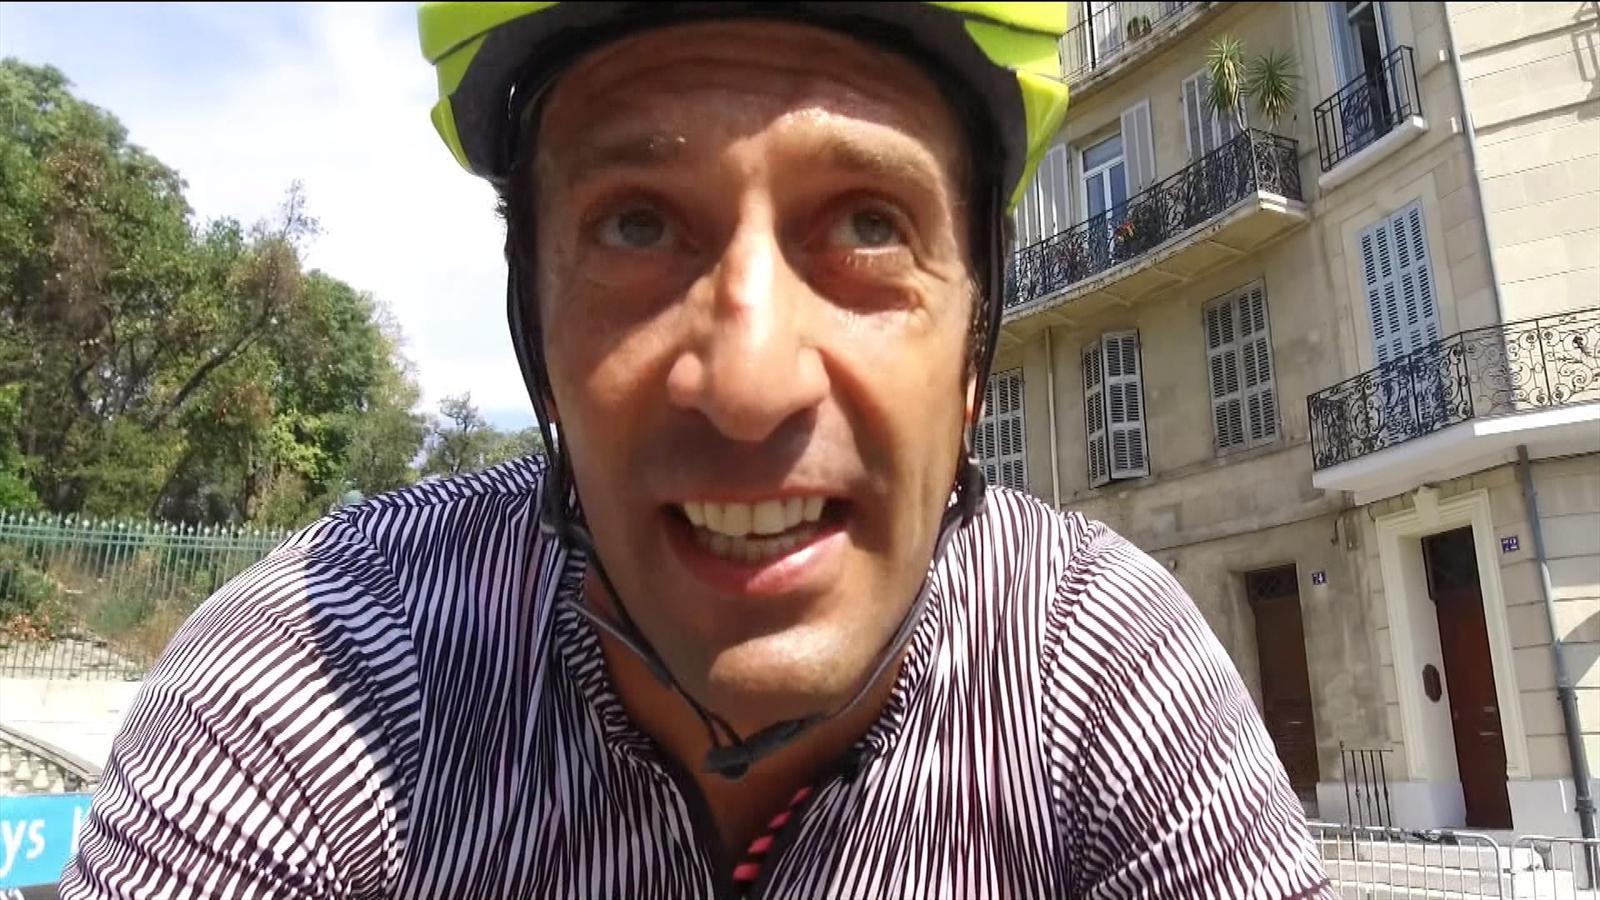 VIDEO - Flecha's recon: Eurosport expert rides Marseille TT - Tour de France - Video Eurosport UK